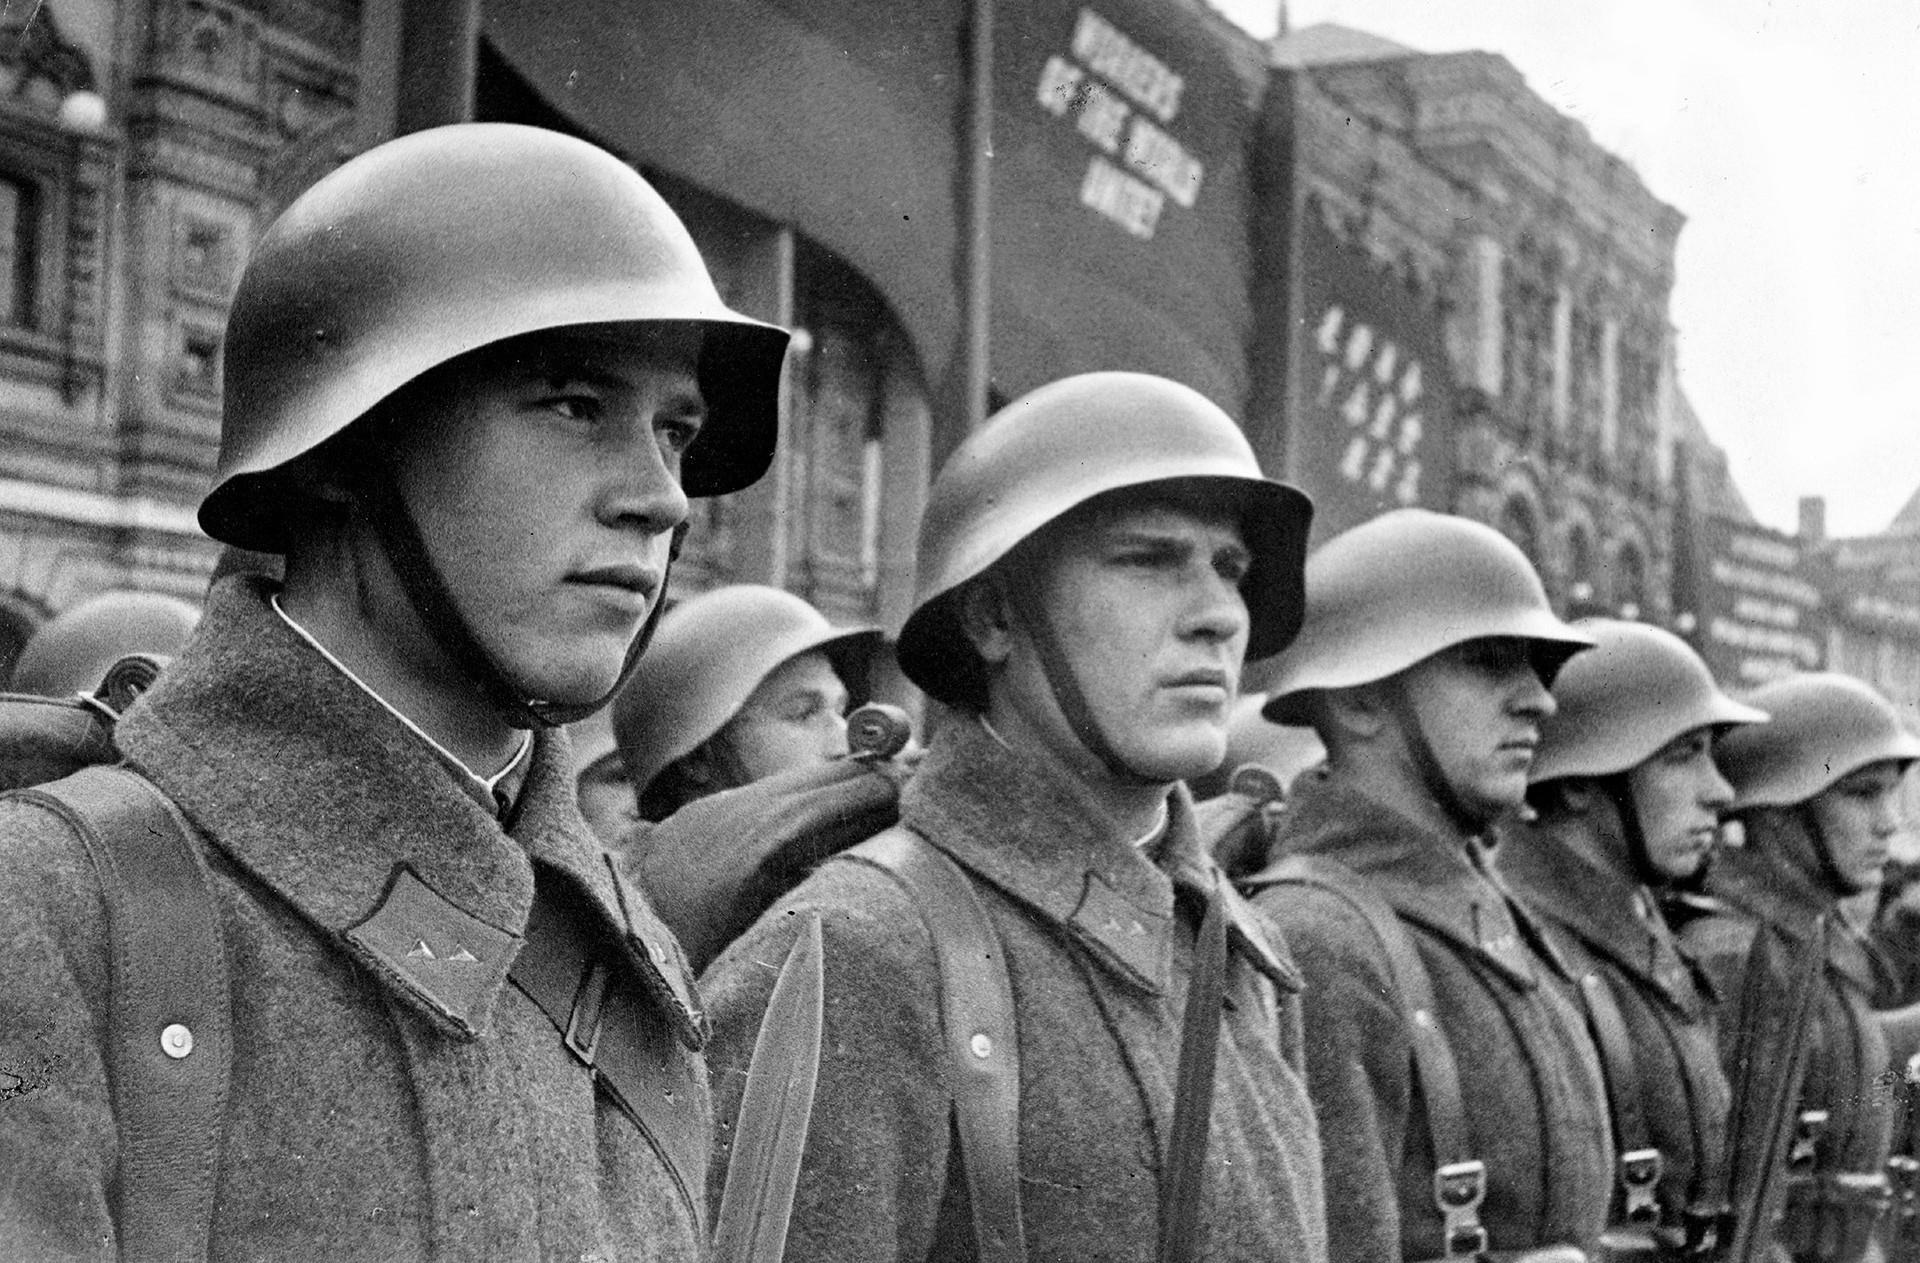 Vojnici Crvene armije u SSSR-u.